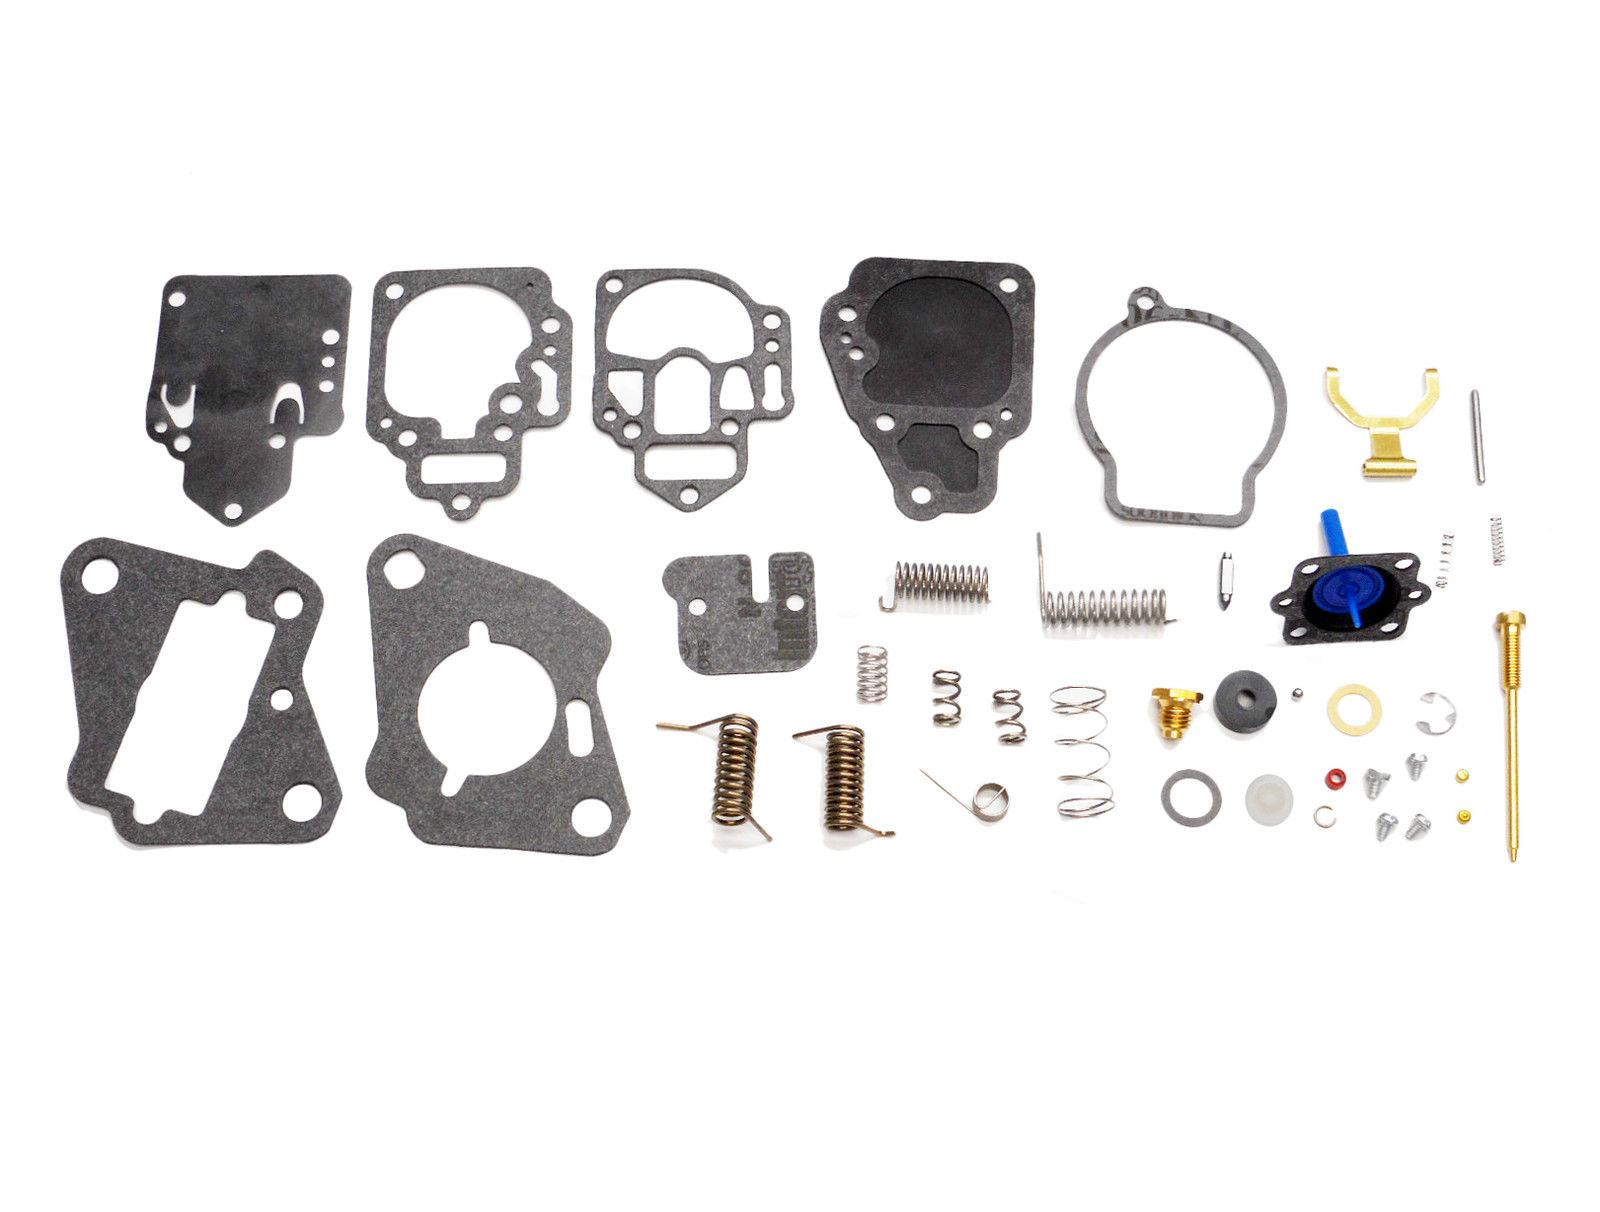 New Mercury Mercruiser Quicksilver Oem Part # 1395-823707  2 Repair Kit-Carb